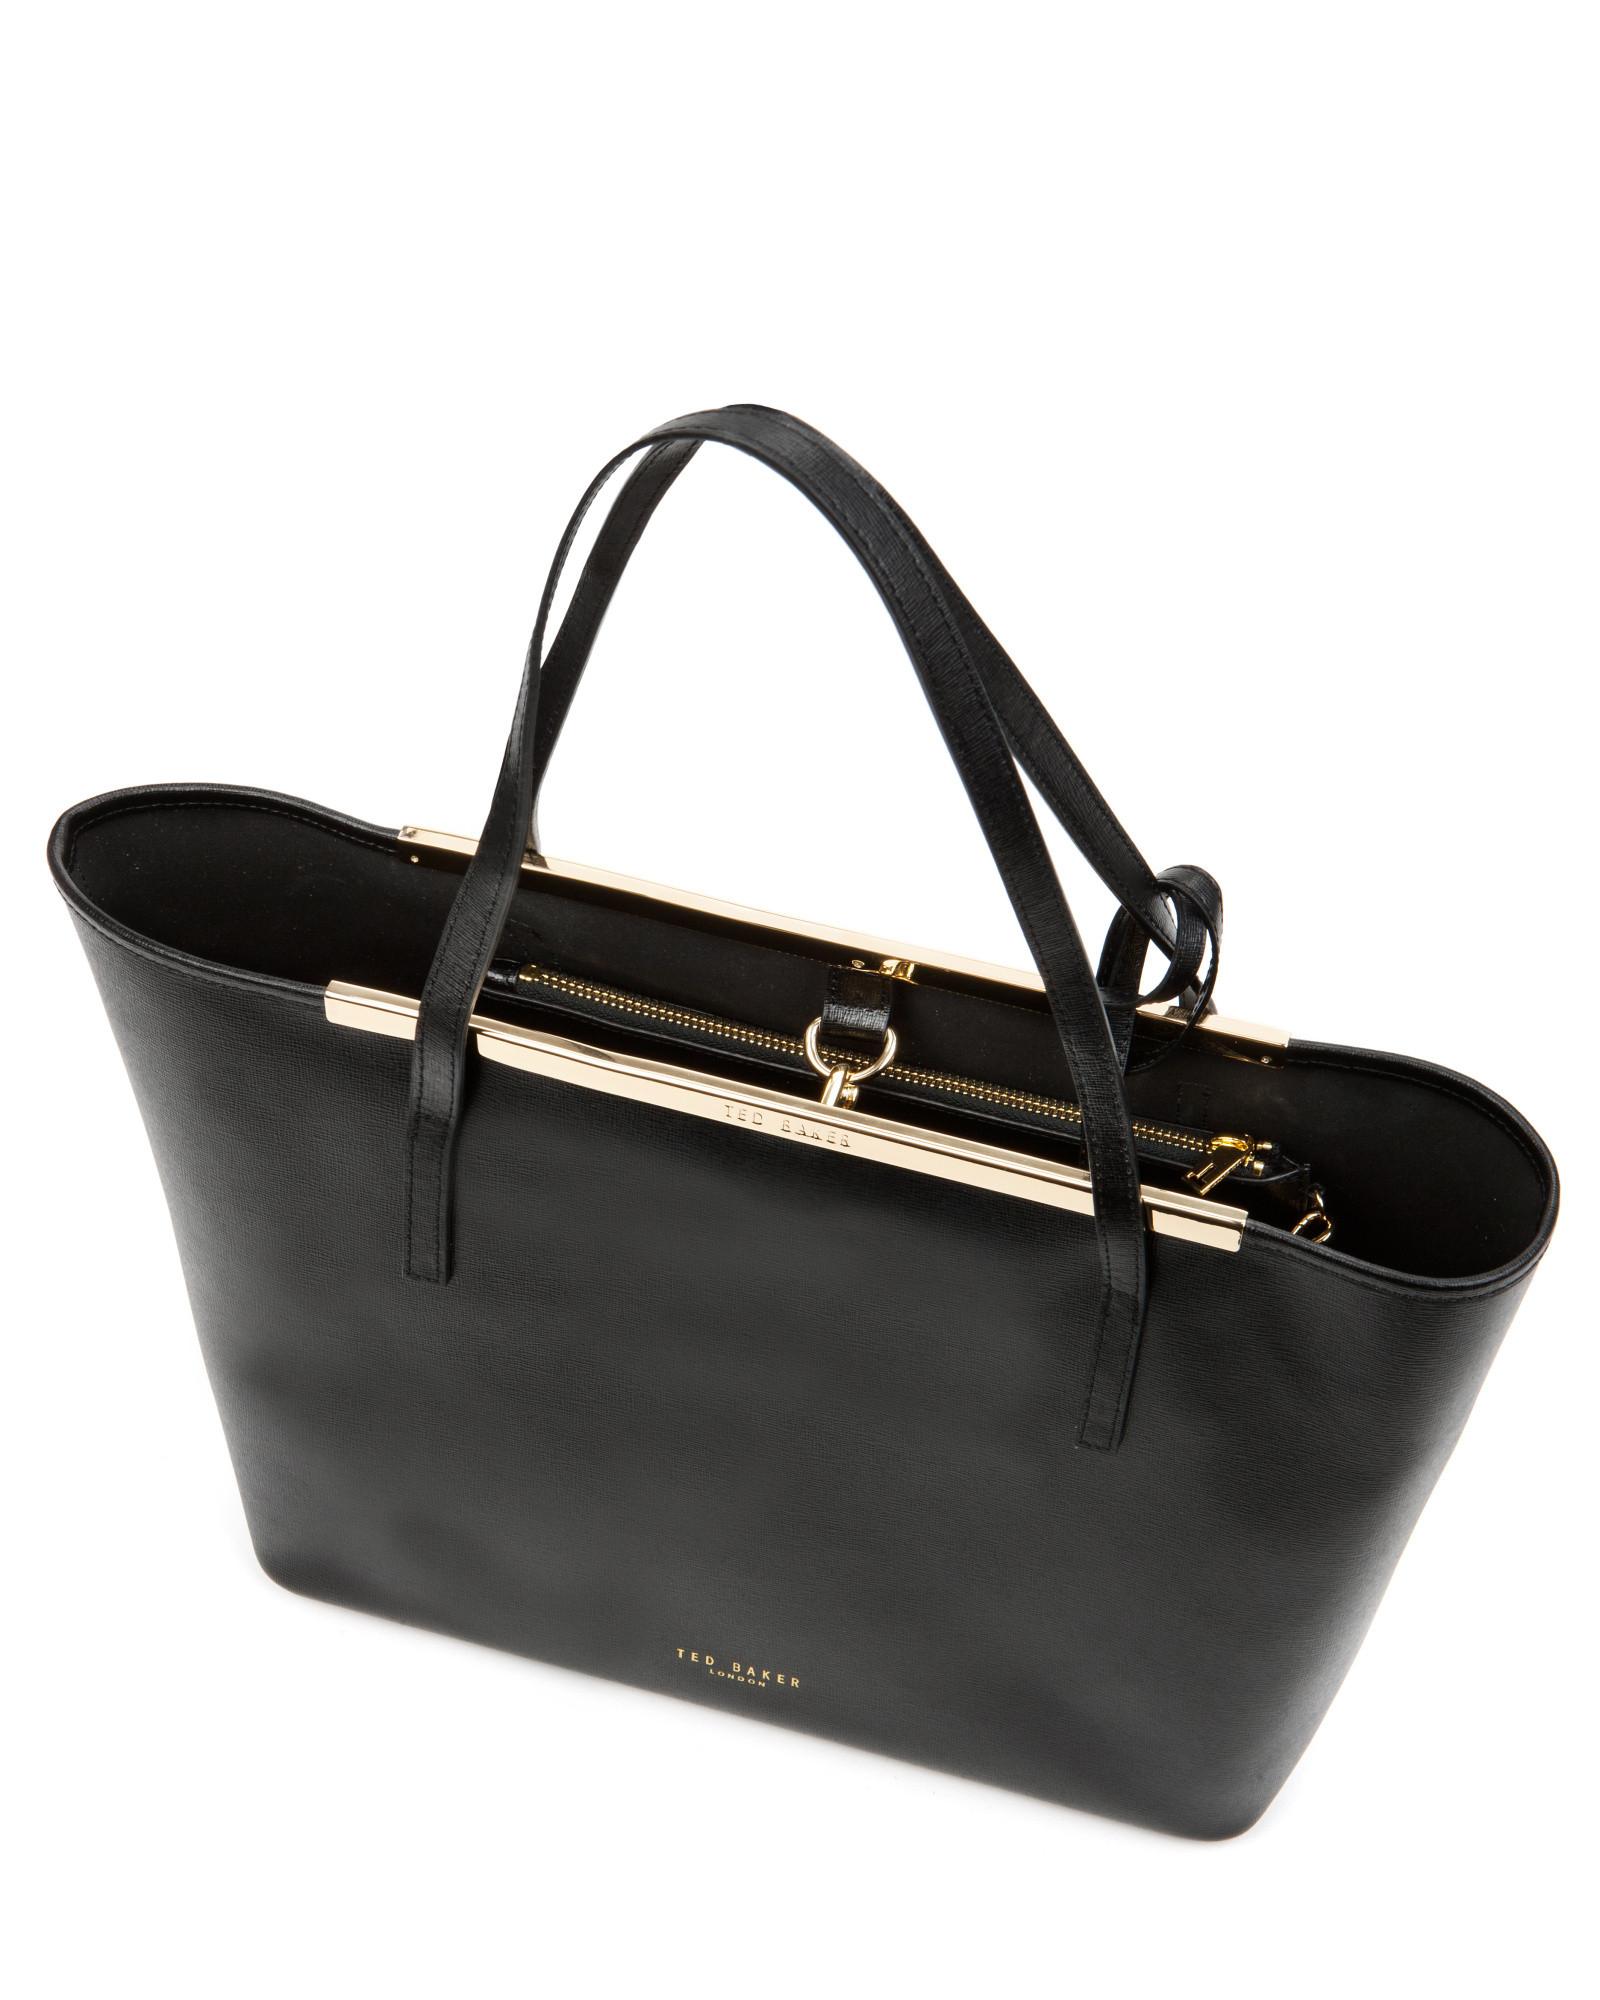 91234493d Ted Baker Crosshatch Leather Shopper Bag in Black - Lyst